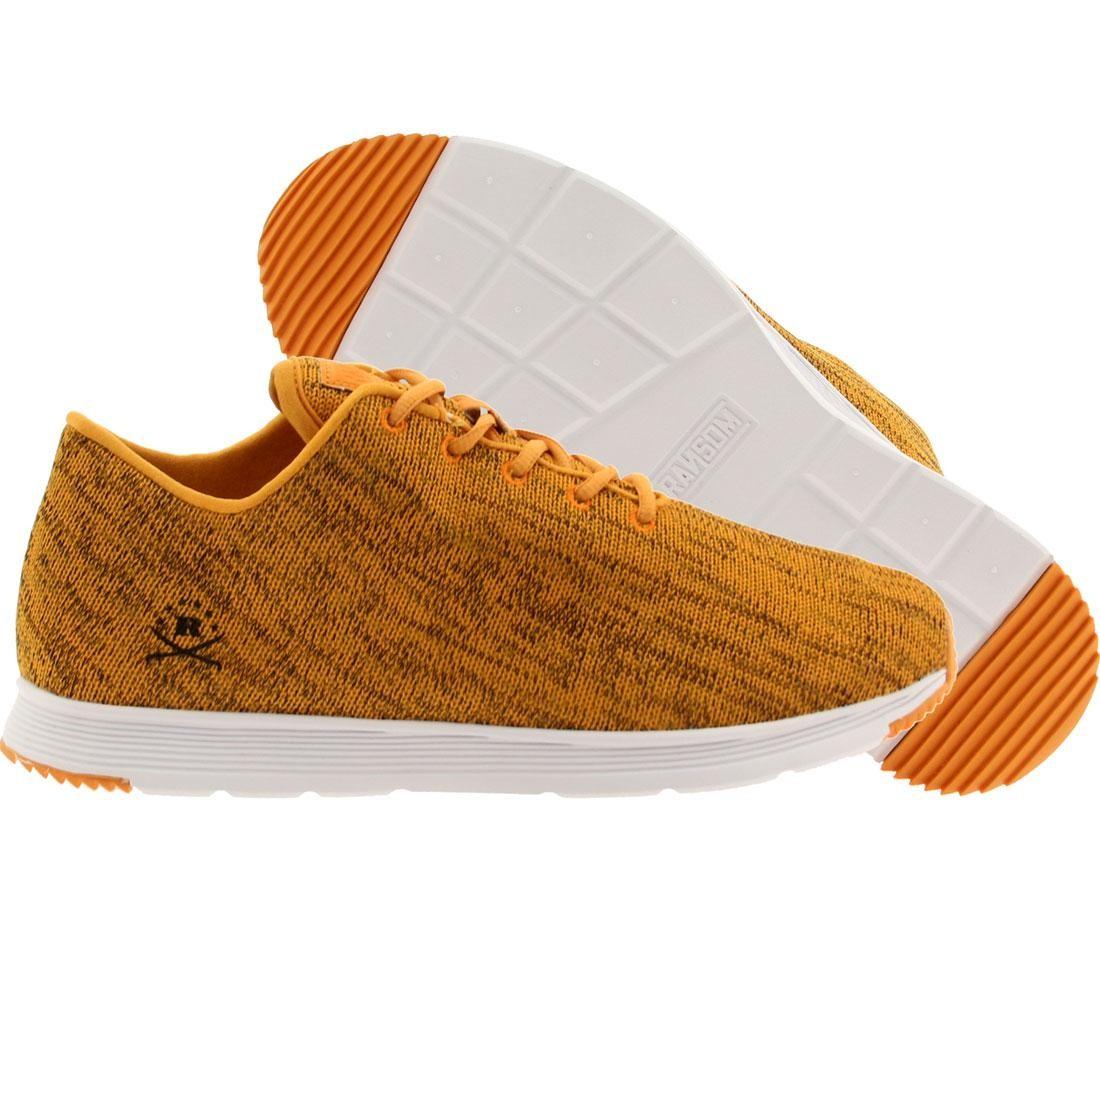 【海外限定】ランサム フィールド ライト 橙 オレンジ 靴 メンズ靴 【 FIELD ORANGE RANSOM MEN LITE SAFETY LIGHT BONE 】